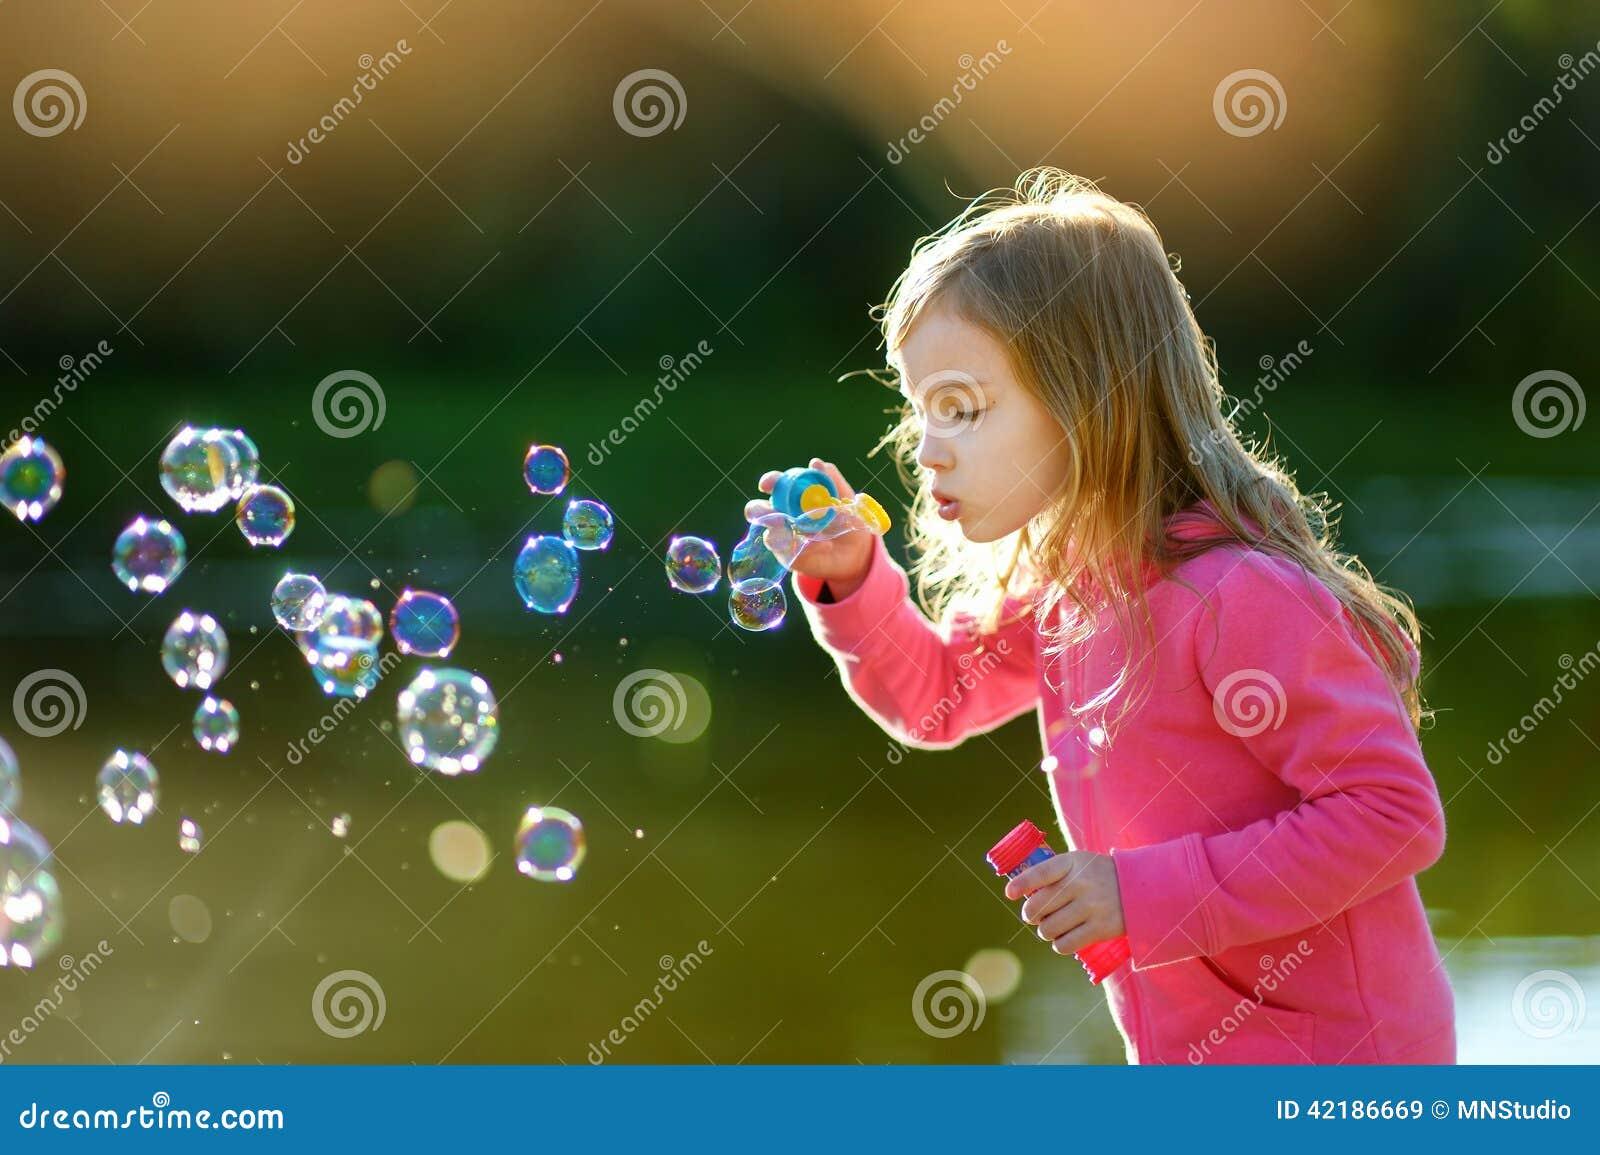 Пузыри из попы фото, Герпес на попе: фото, причины, лечение 23 фотография